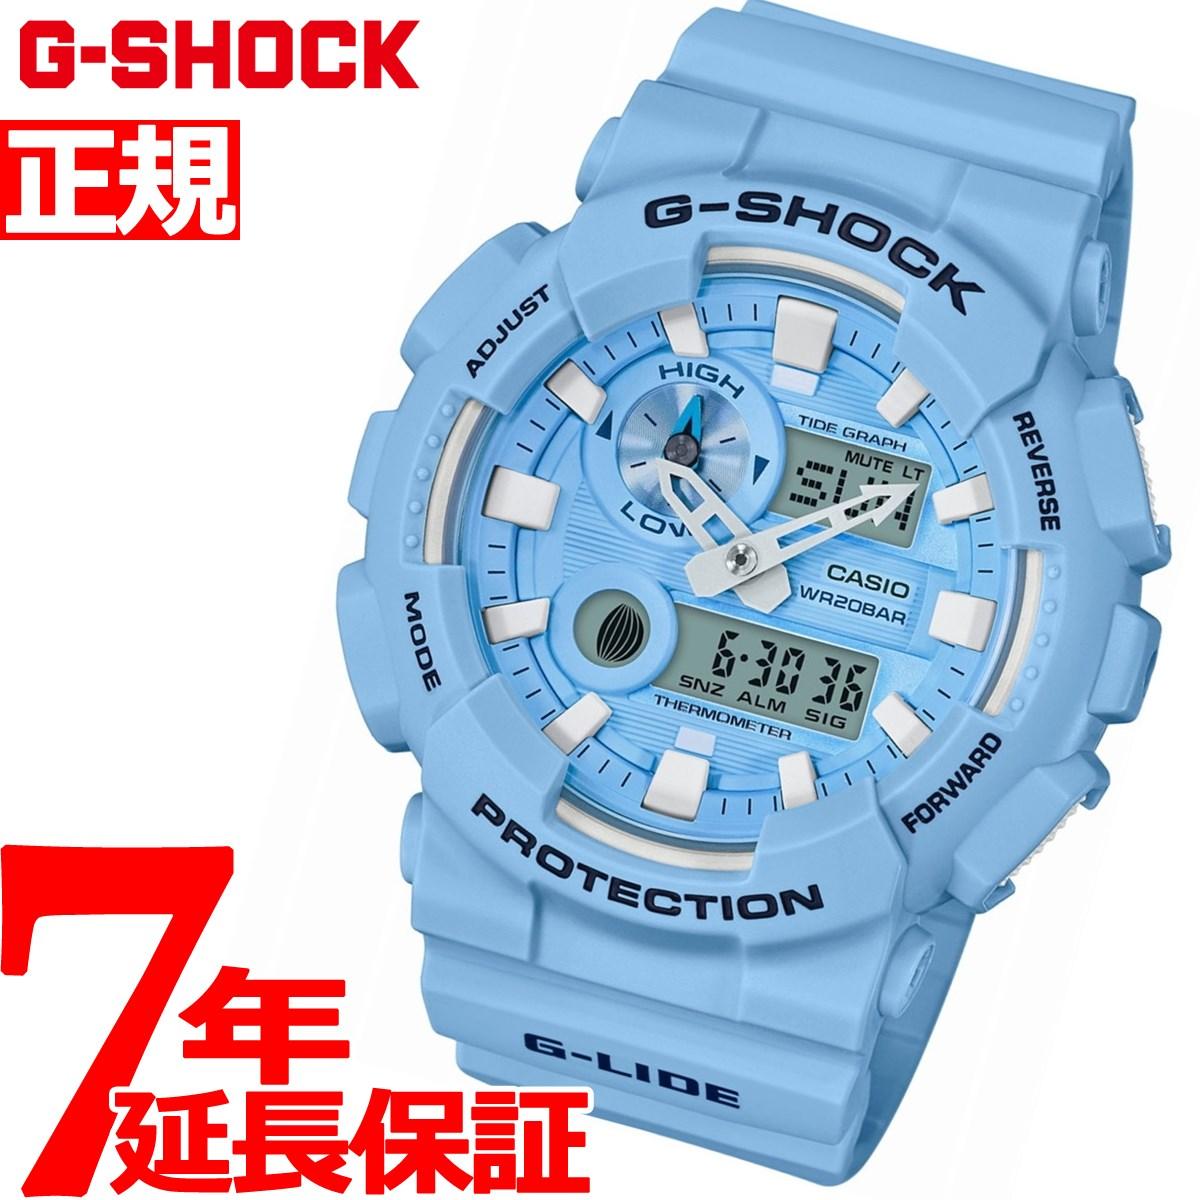 G-SHOCK カシオ G-LIDE Gショック Gライド 腕時計 メンズ CASIO GAX-100CSA-2AJF【2018 新作】